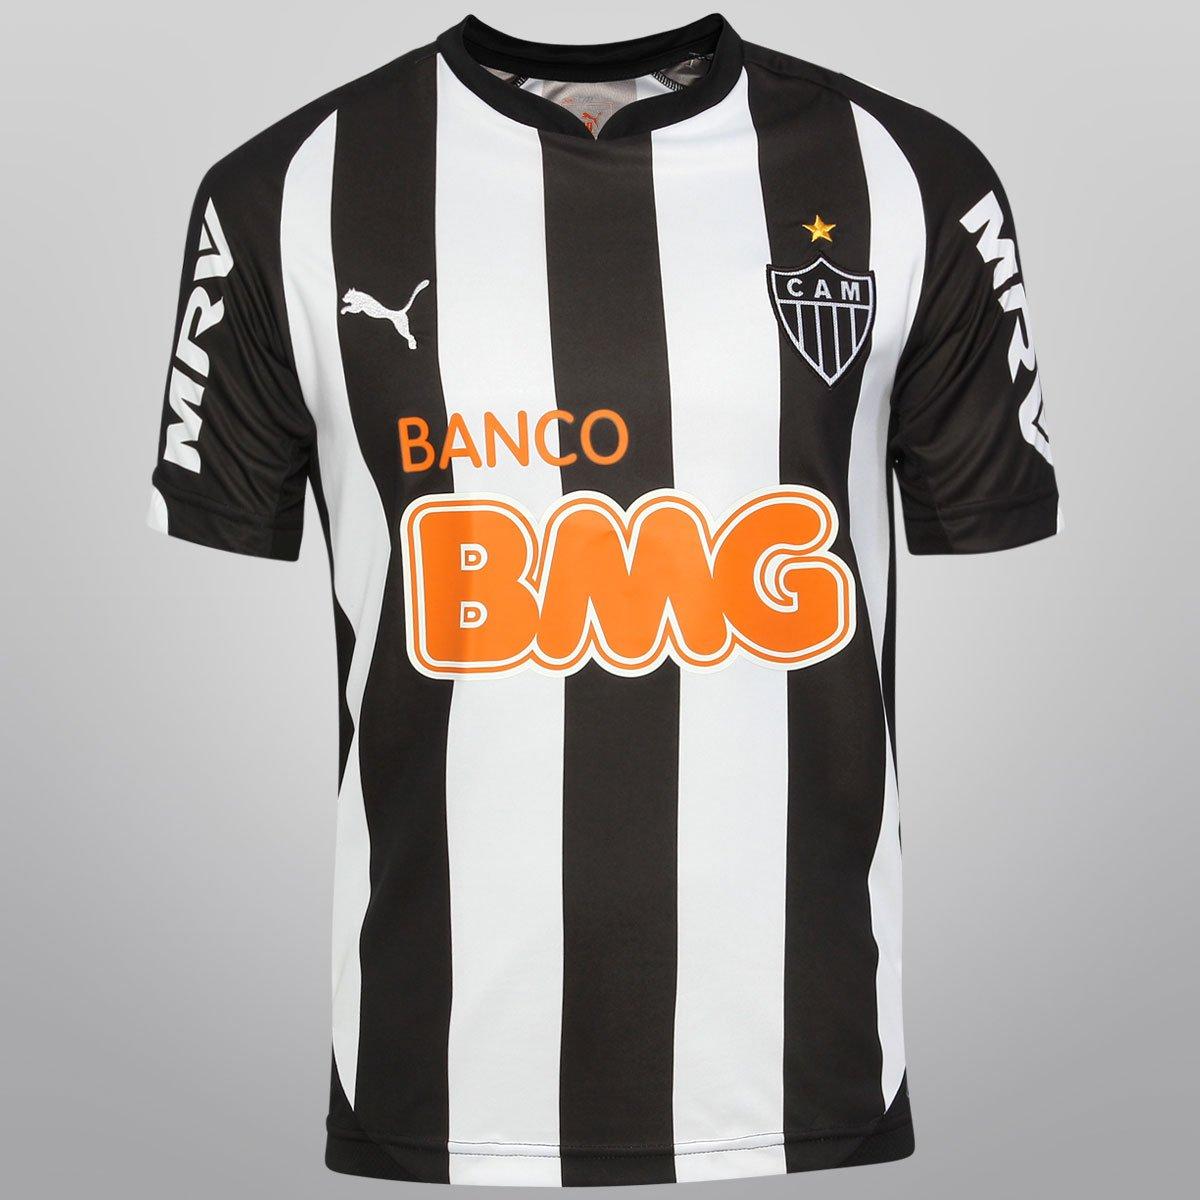 792f9908ab Camisa Puma Atlético Mineiro I 2014 s nº - Compre Agora